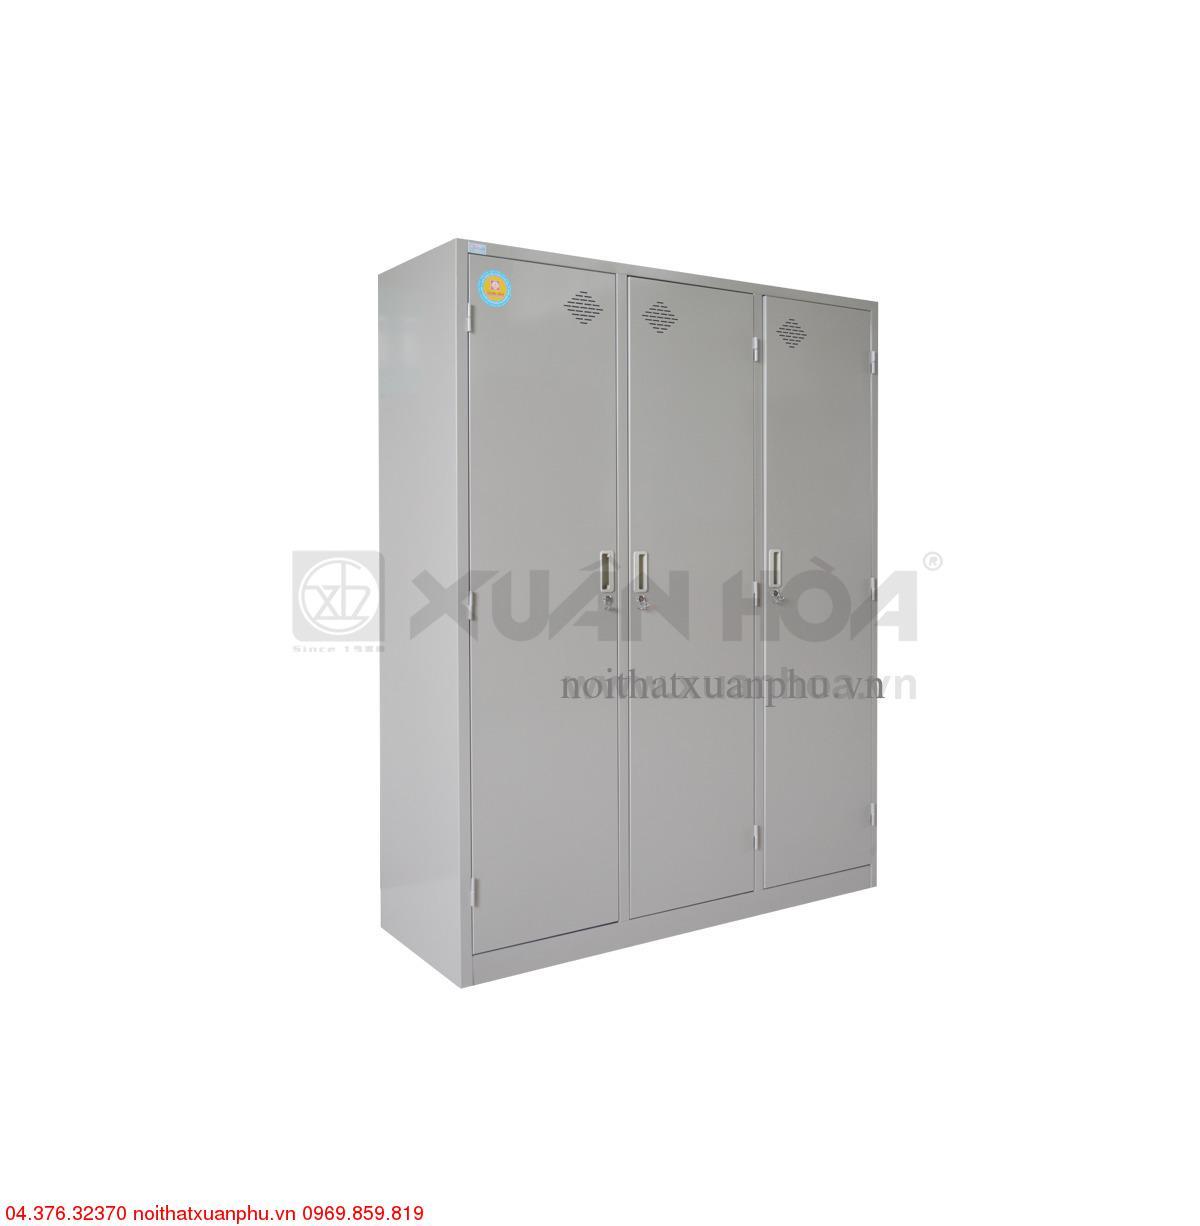 Hình ảnh sản phẩm Tủ sắt quần áo Xuân Hòa hai buồng LK-3N-03XH 140 x 50 x 183 cm